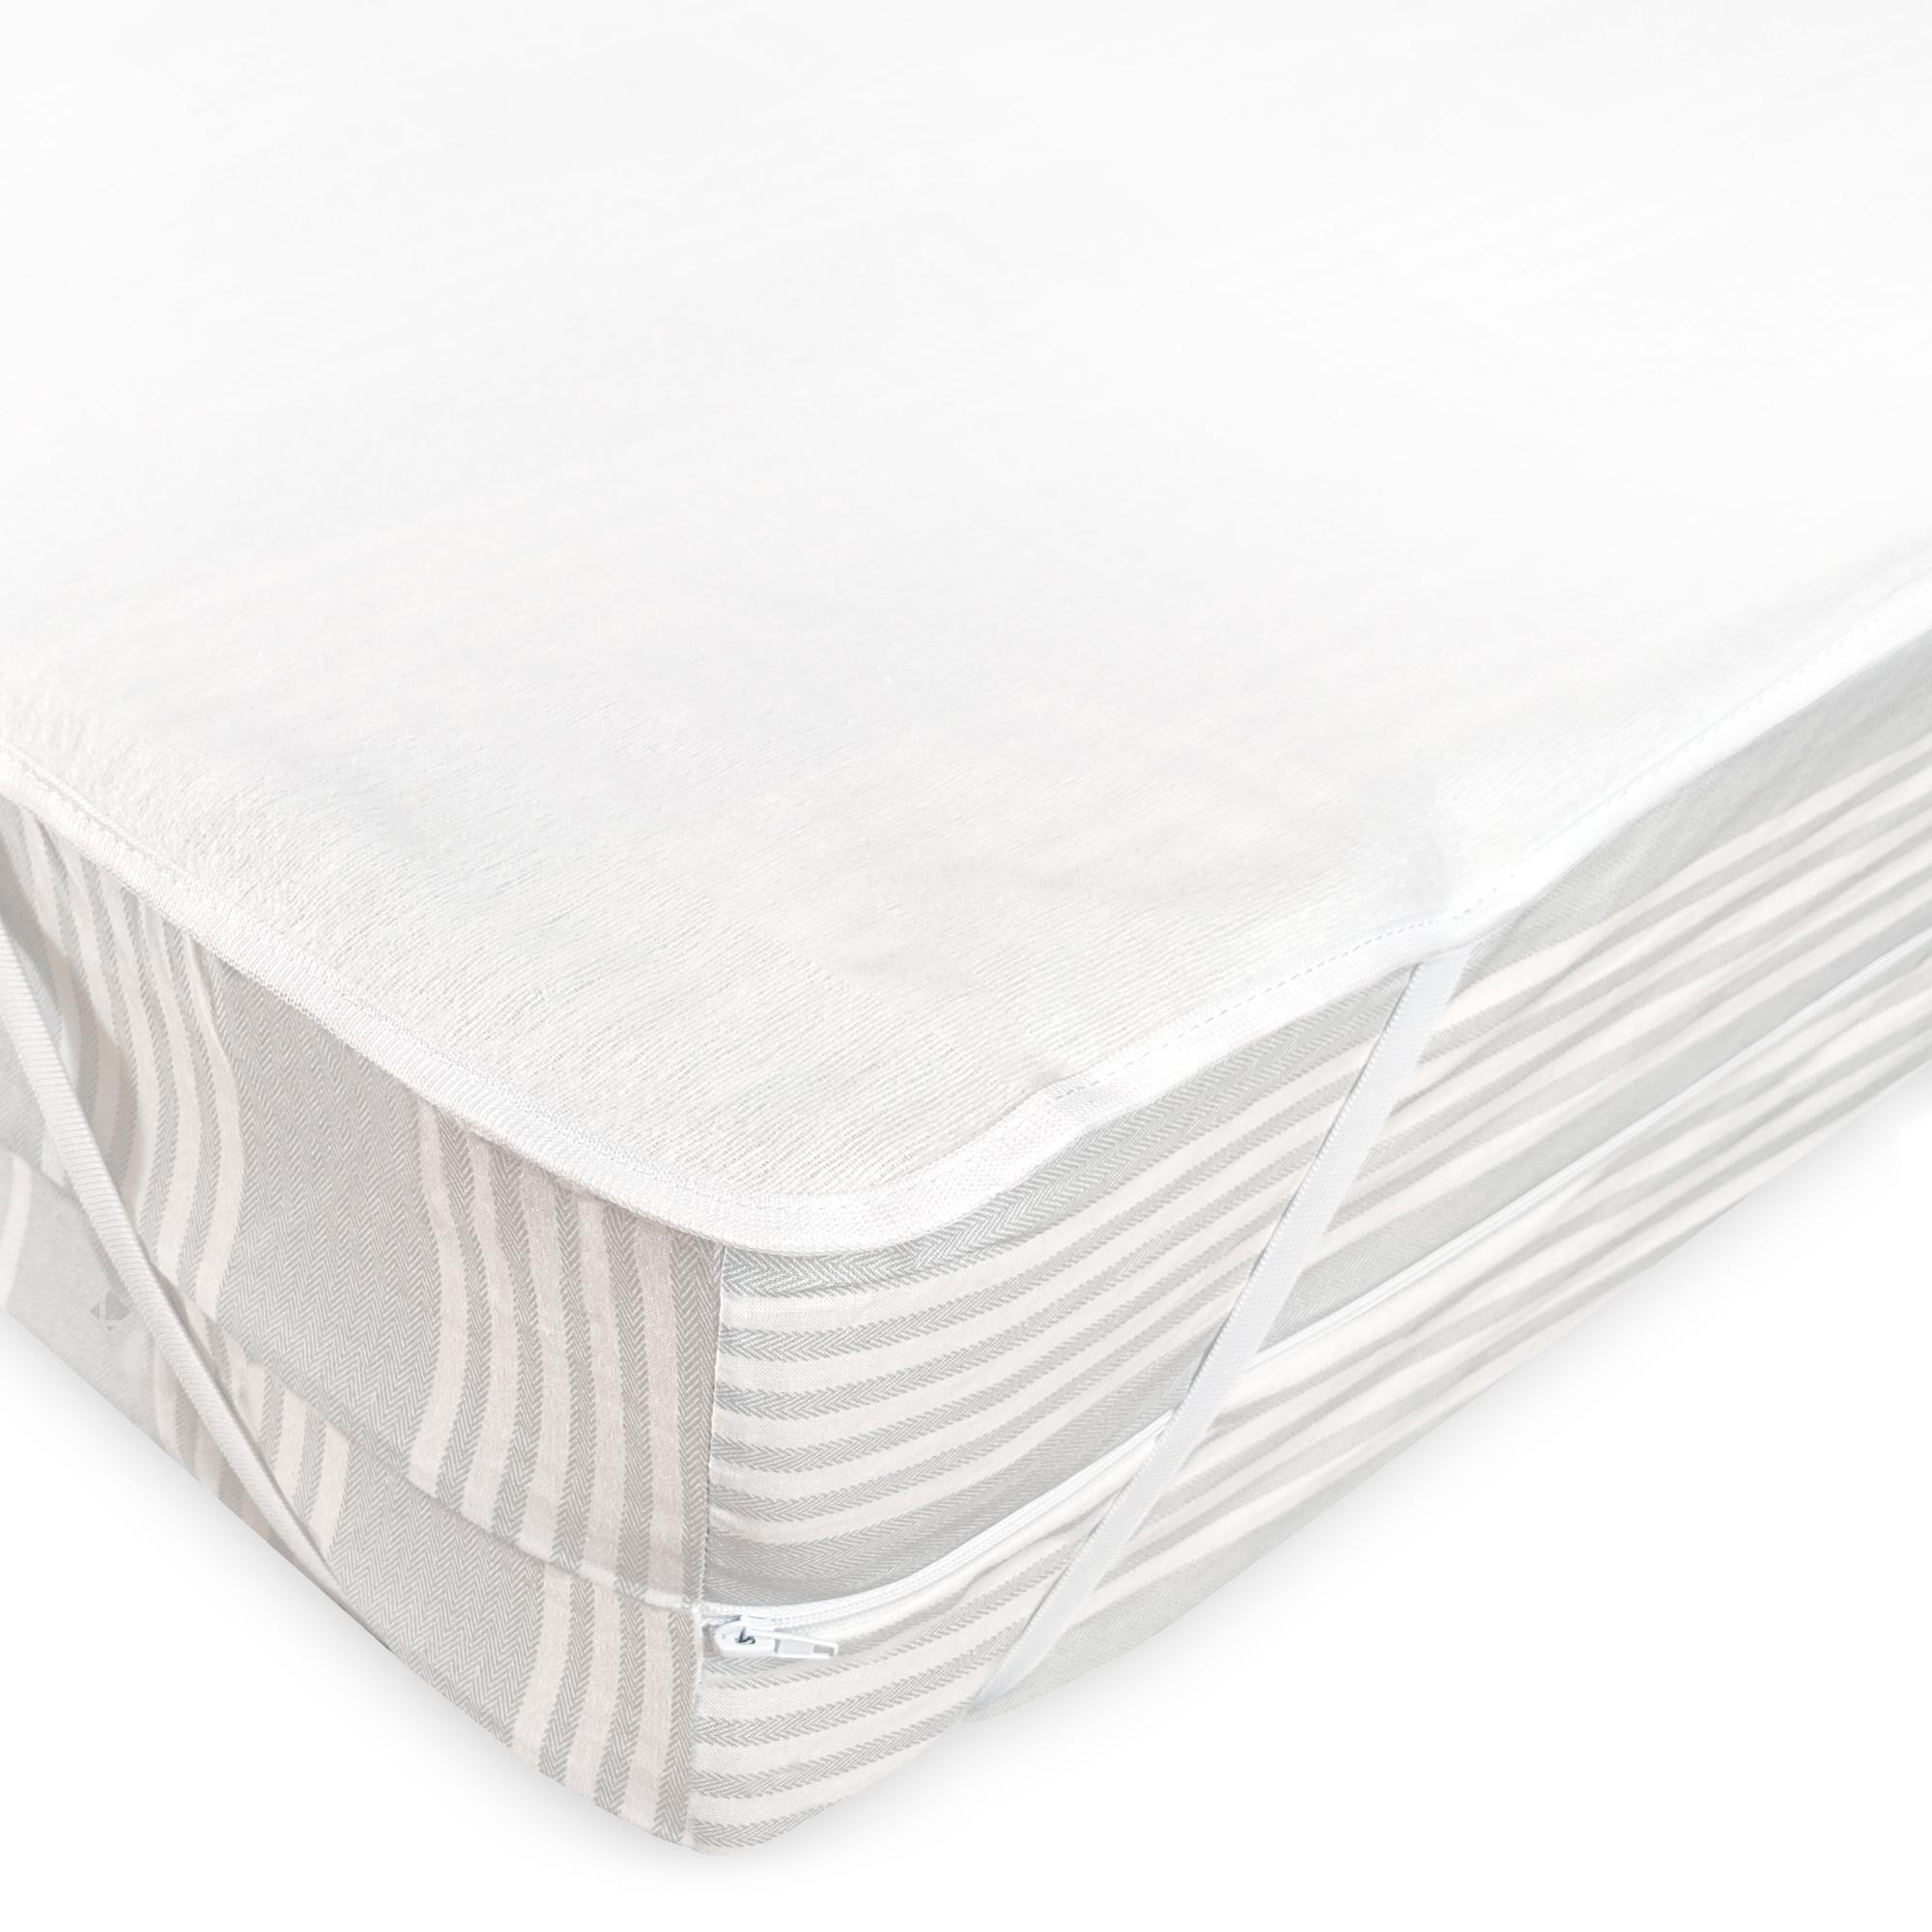 Linnea Alèse plate imperméable 130x200 cm ARNON molleton 100% coton contrecollé polyuréthane